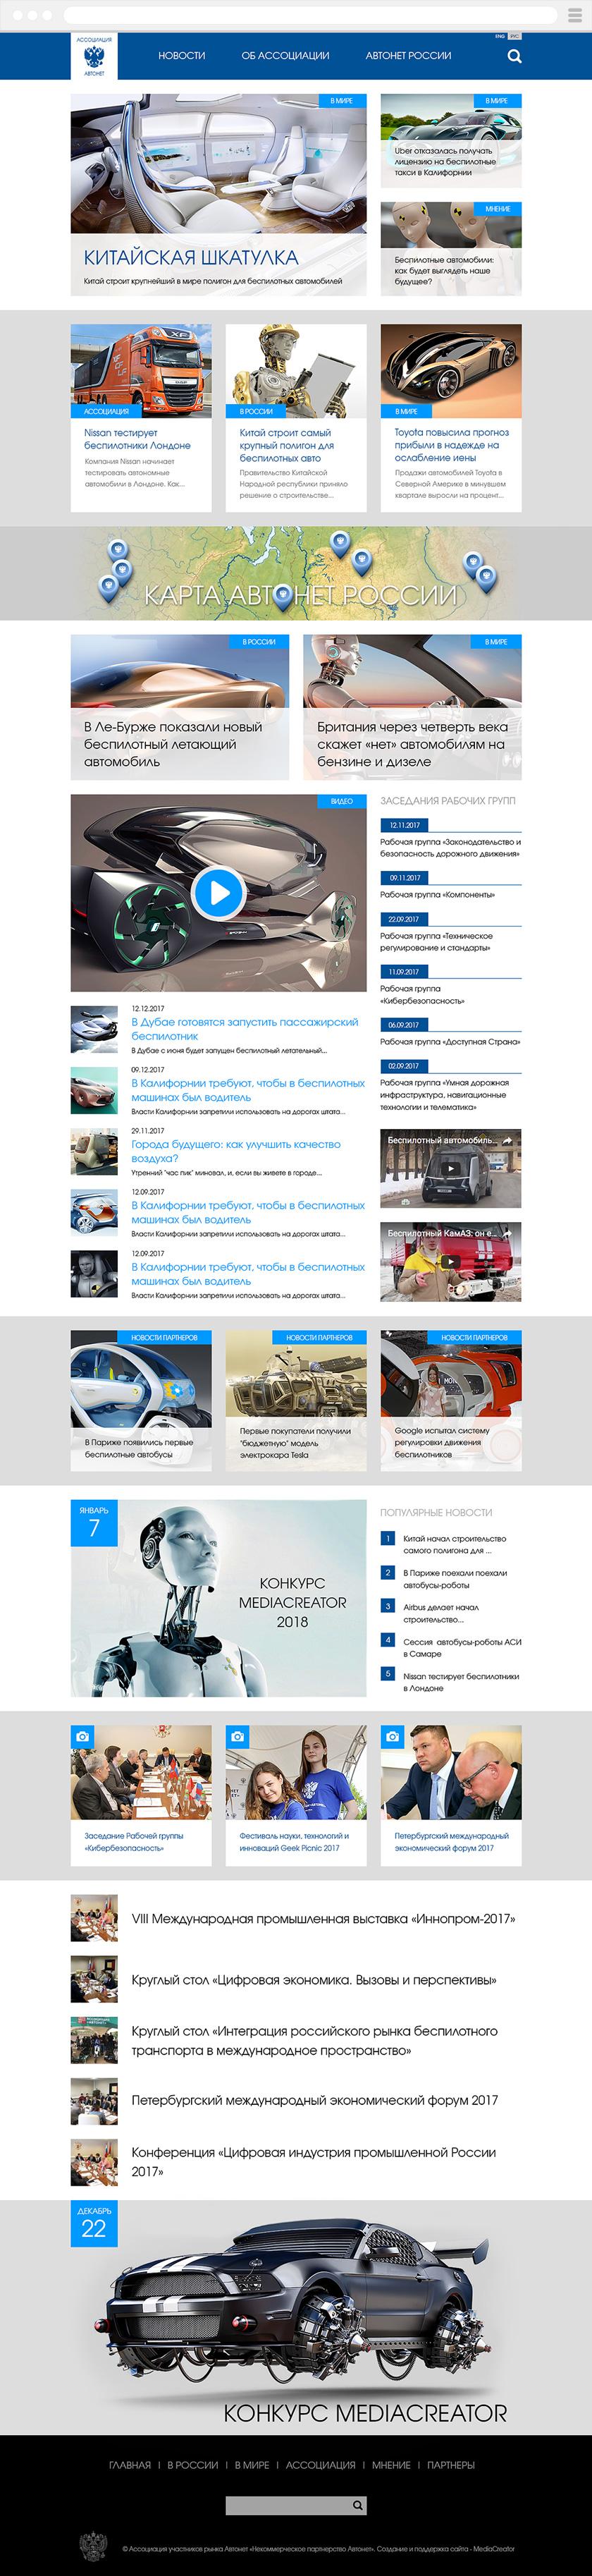 Главная страница портала РосАвтонет